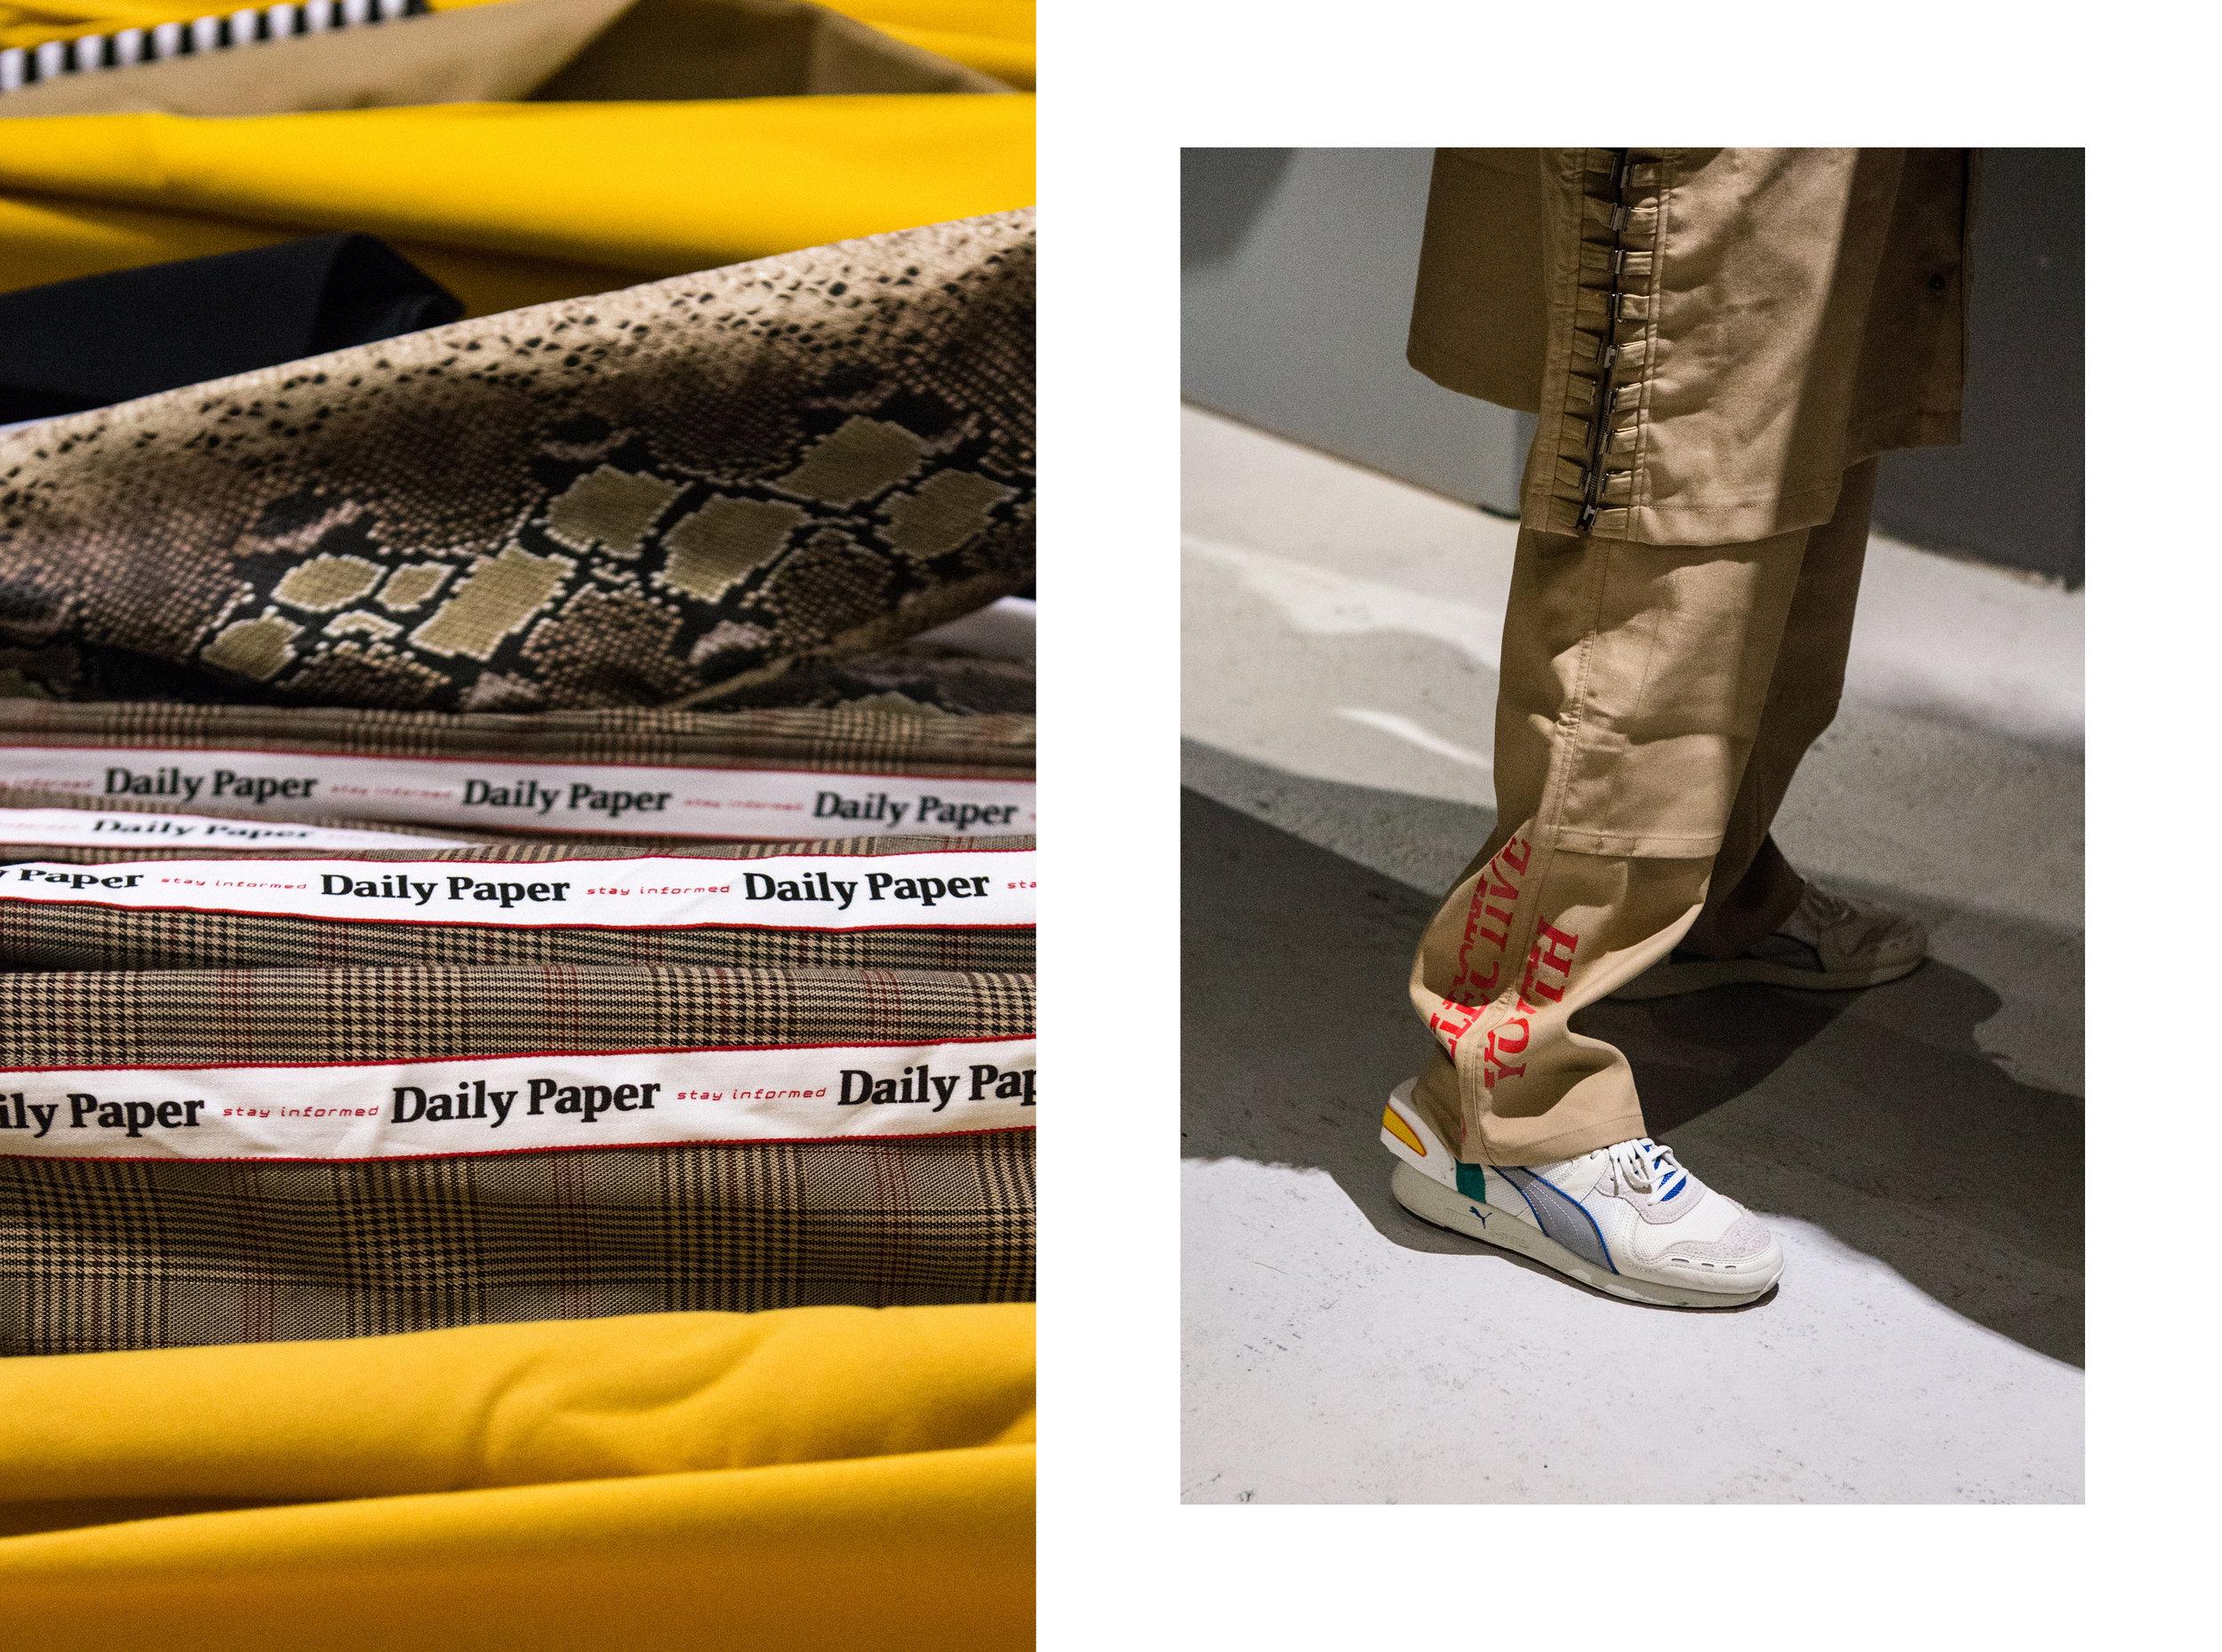 Daily Paper Yellow.jpg